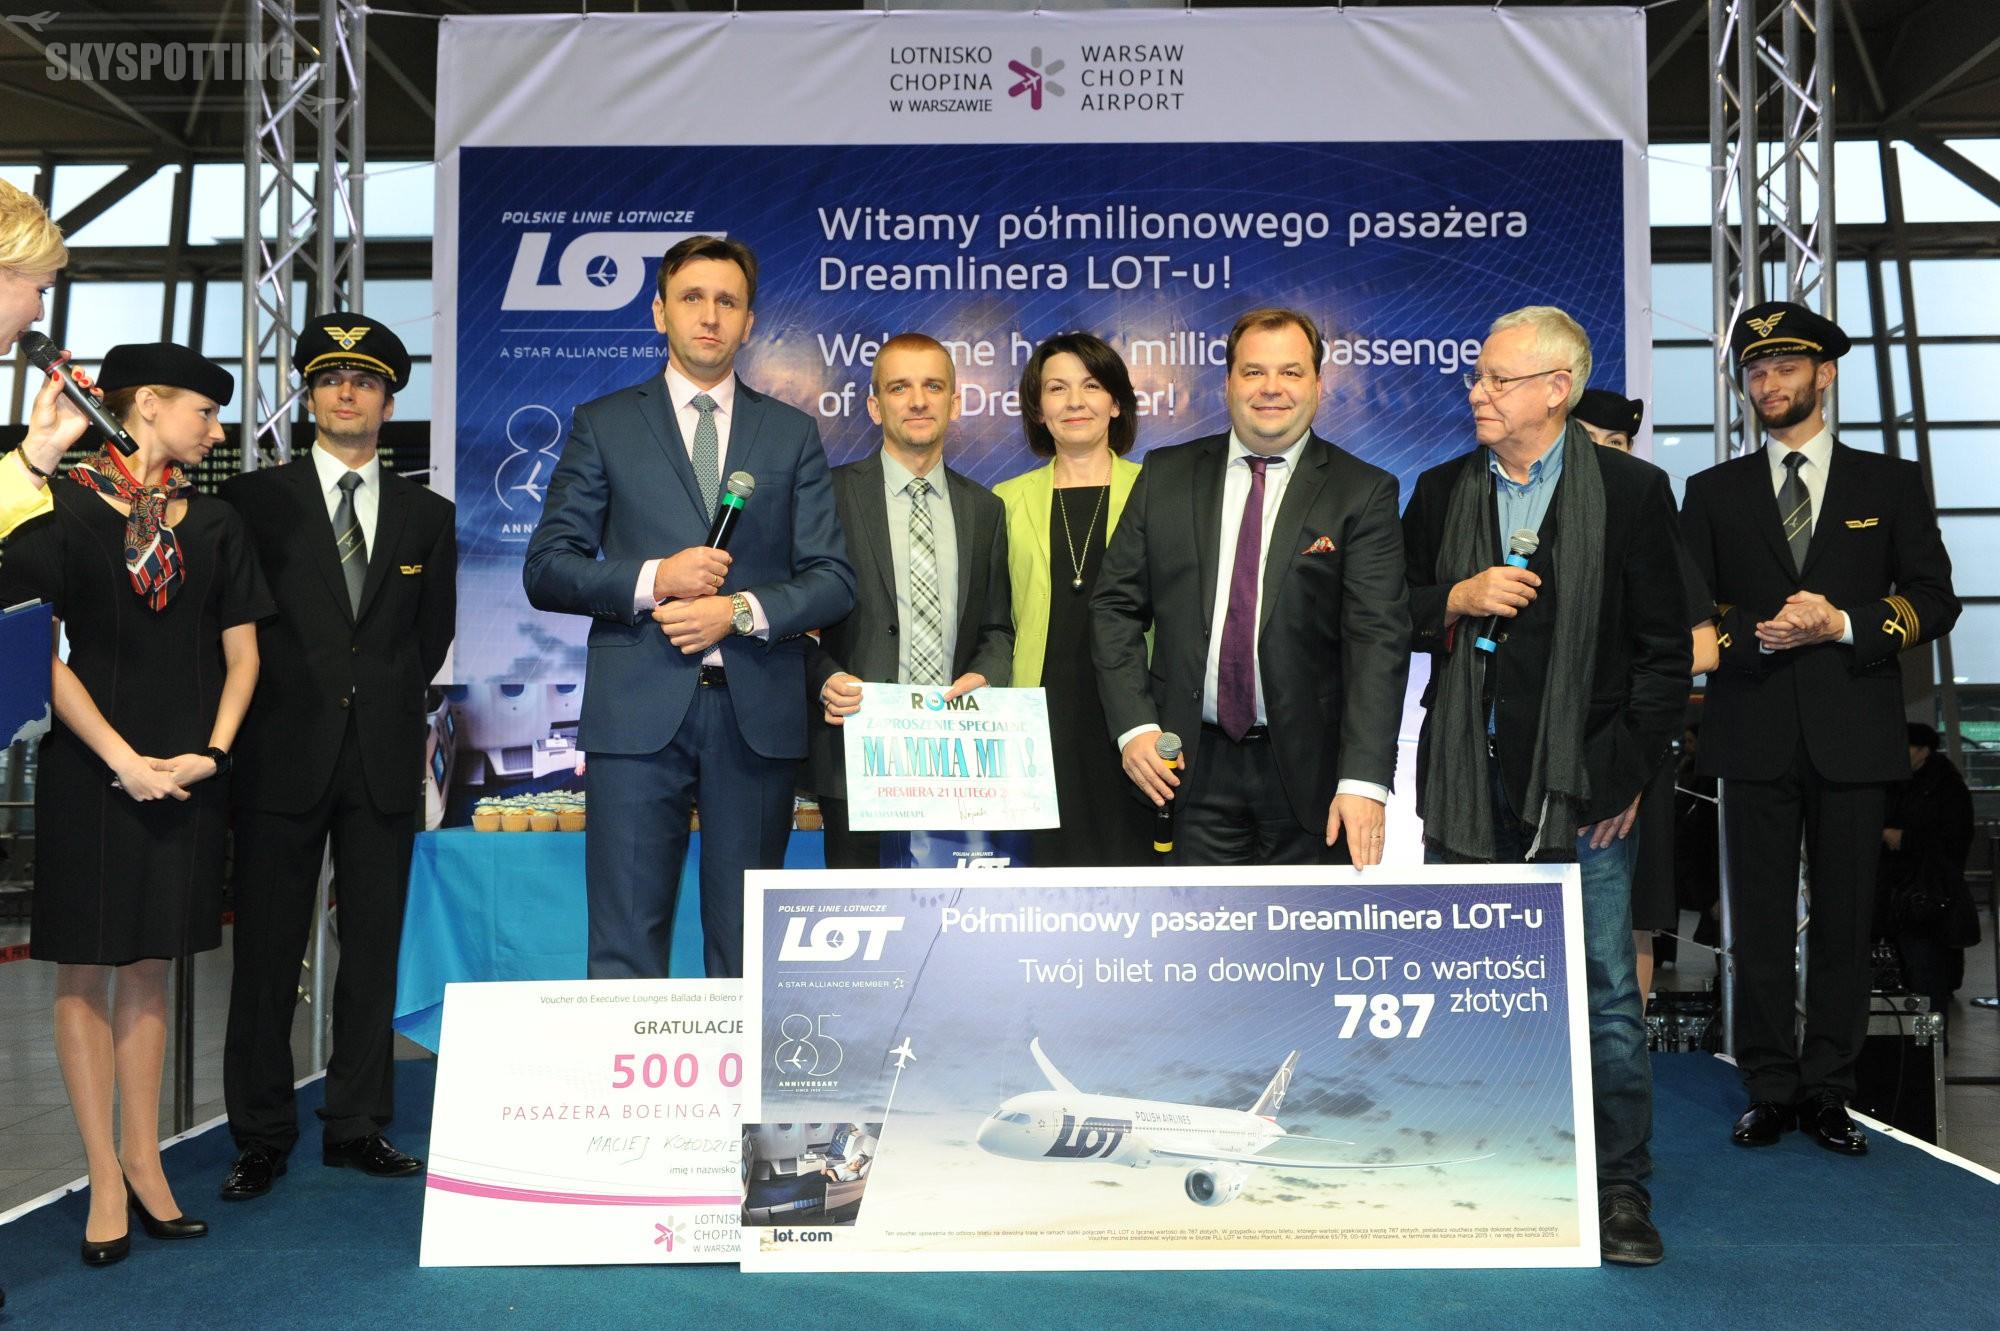 Dreamlinery LOT-u przewiozły pół miliona Pasażerów!